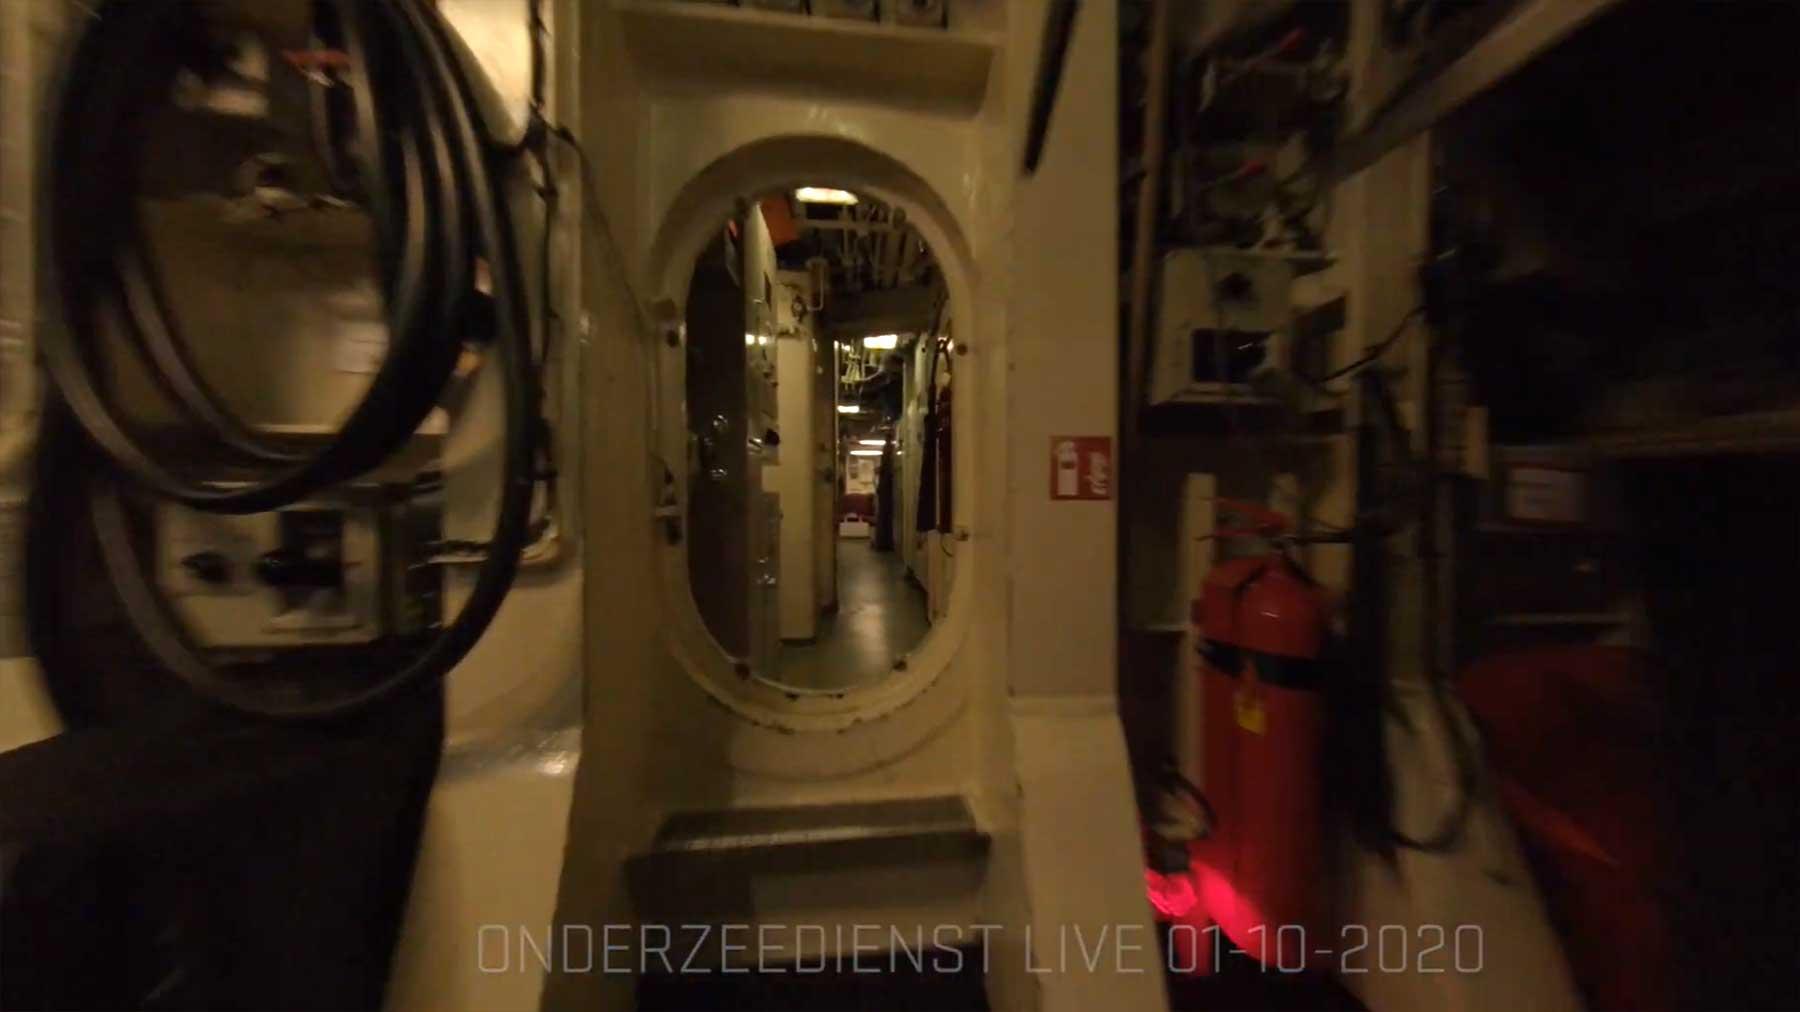 POV: Mit der Drohne durch ein U-Boot fliegen mit-drohne-durch-uboot-fliegen